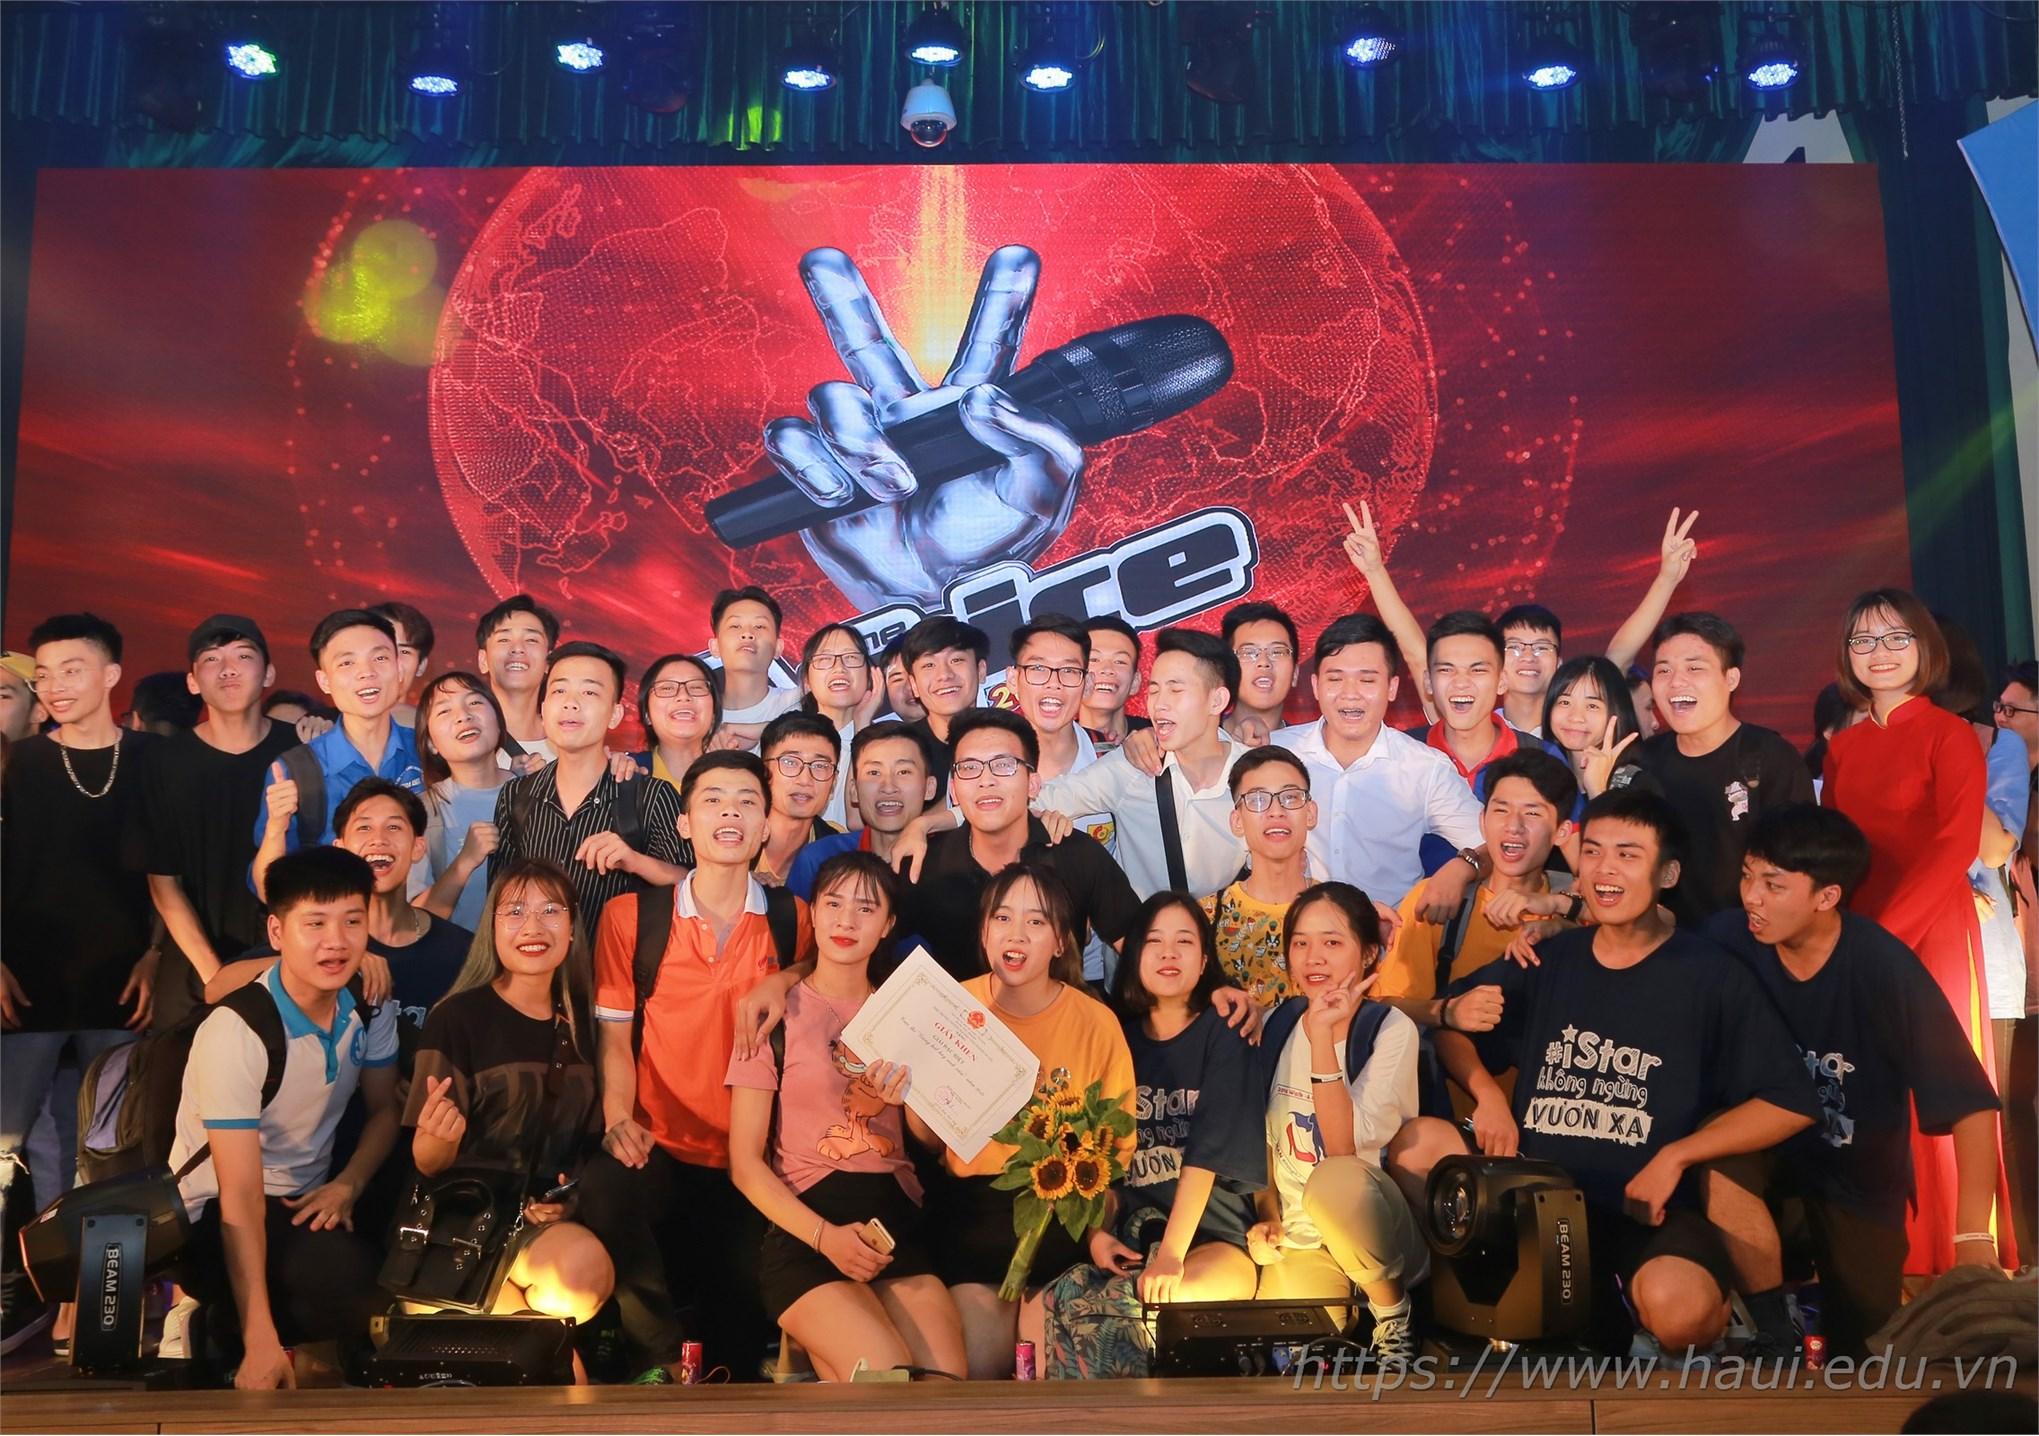 Quán quân Giọng hát hay sinh viên HaUI 2019 với các bạn sinh viên